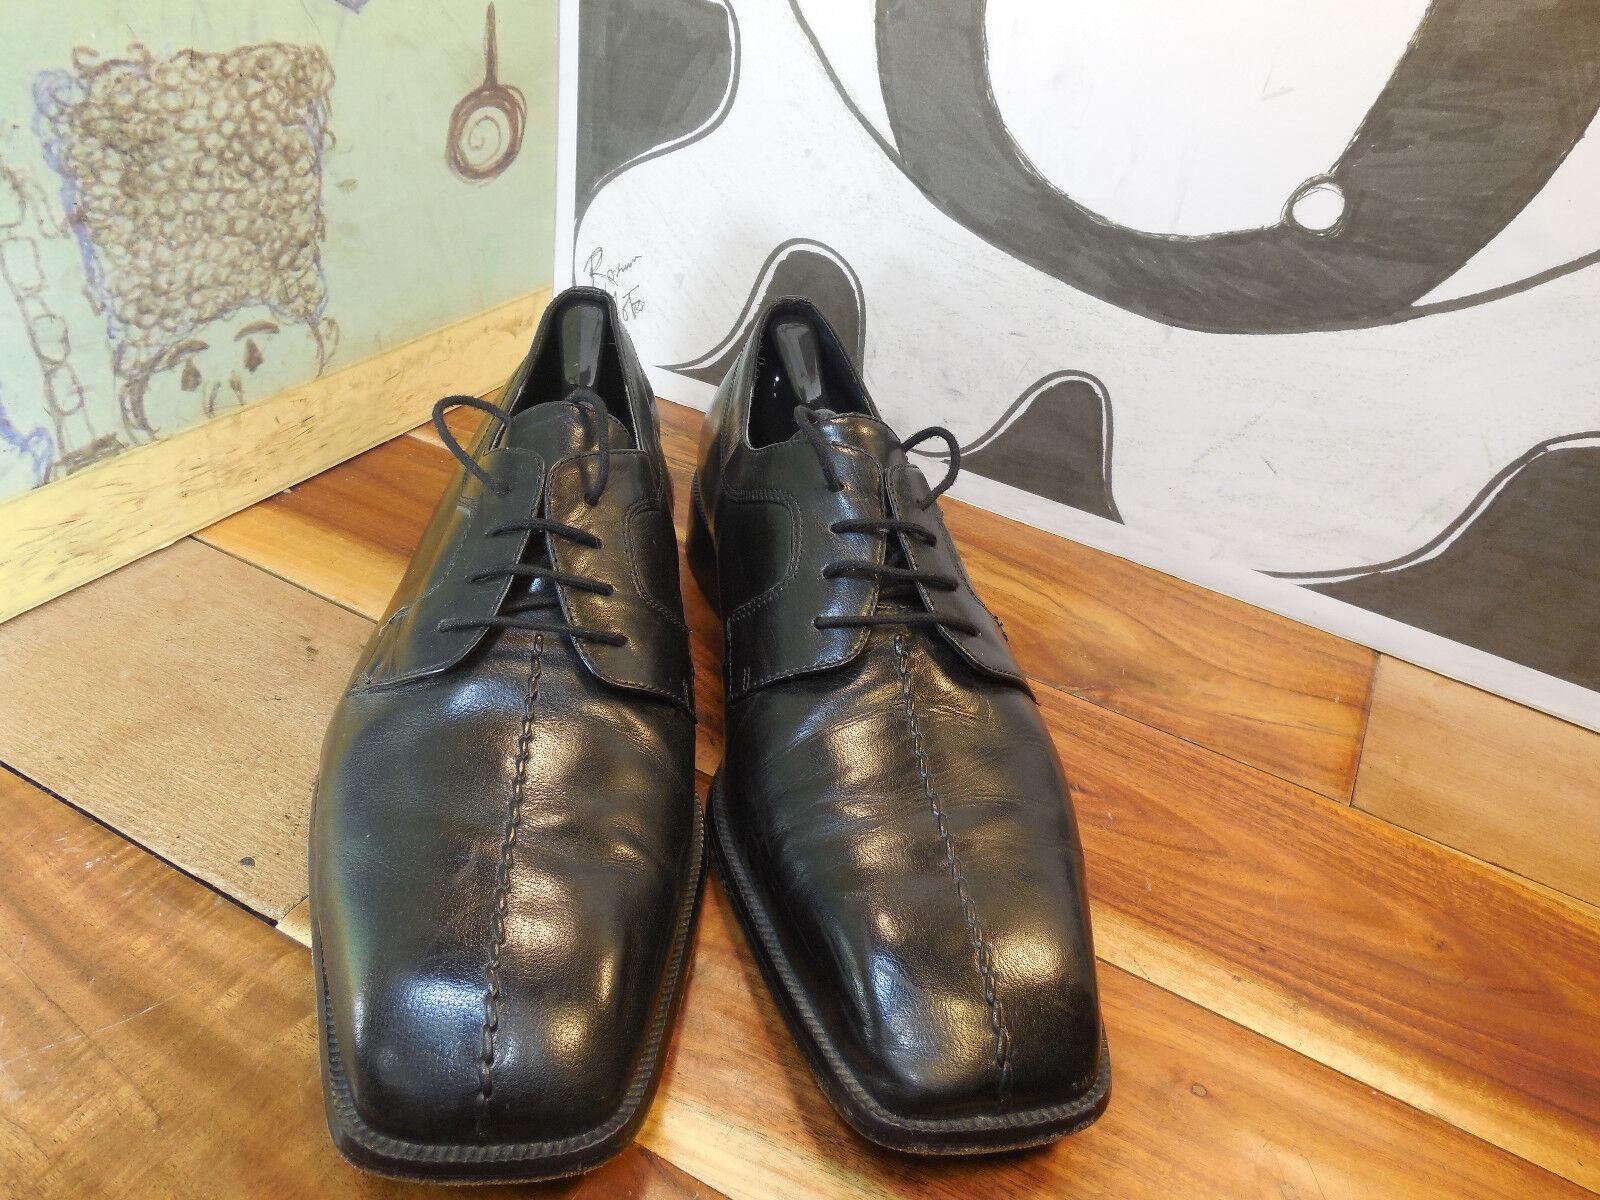 Giorgio Brutini Private Collection Men's Black Leather Center Seam Oxfords Men's Collection 14M 61e175